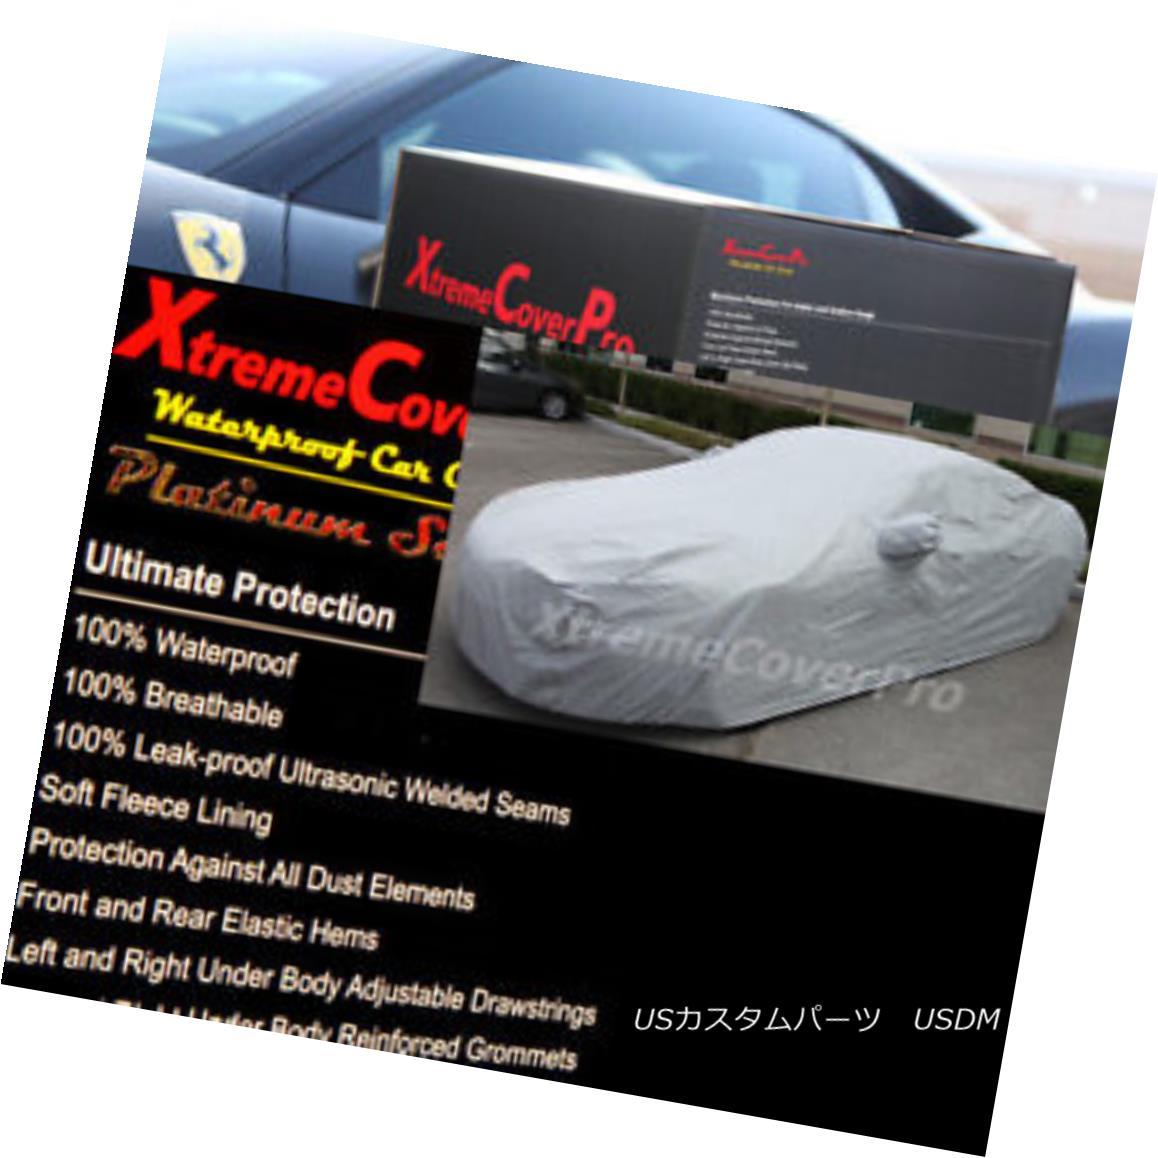 カーカバー 2011 2012 Mitsubishi Eclipse Spyder Waterproof Car Cover w/MirrorPocket MirrorPocketを搭載した2011年三菱Eclipse Spyder防水カーカバー